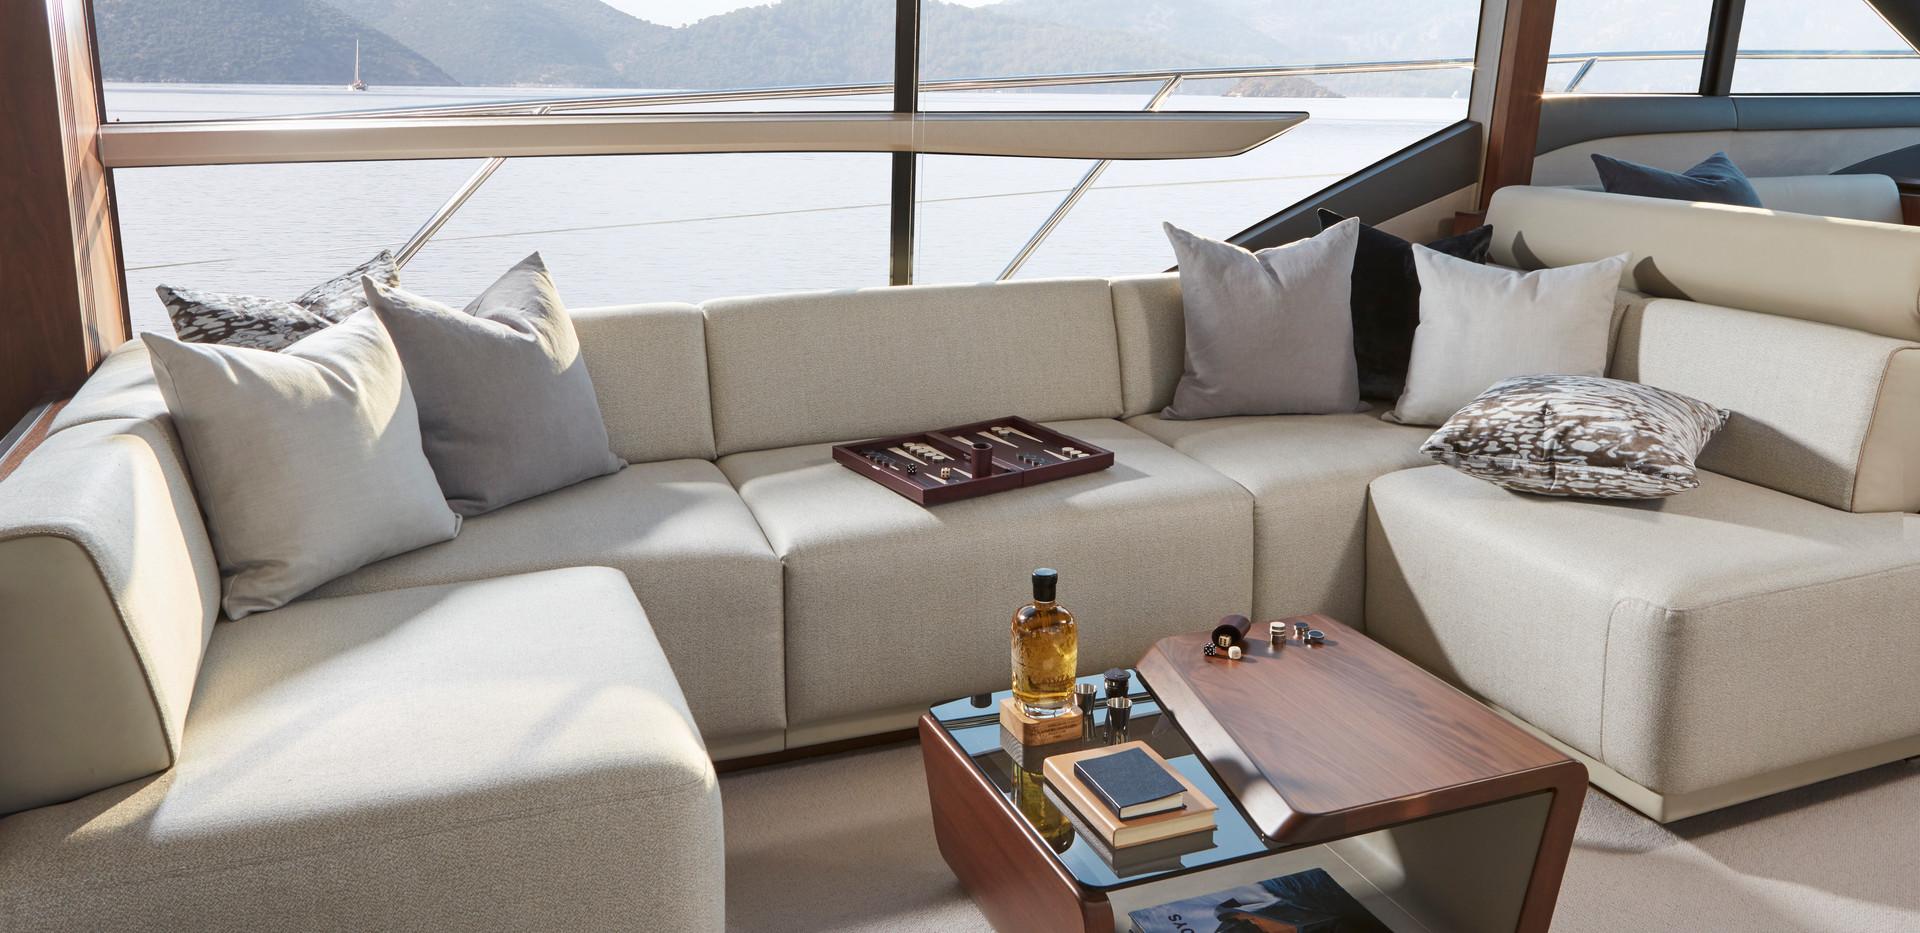 62-interior-seating-detail-2-american-wa